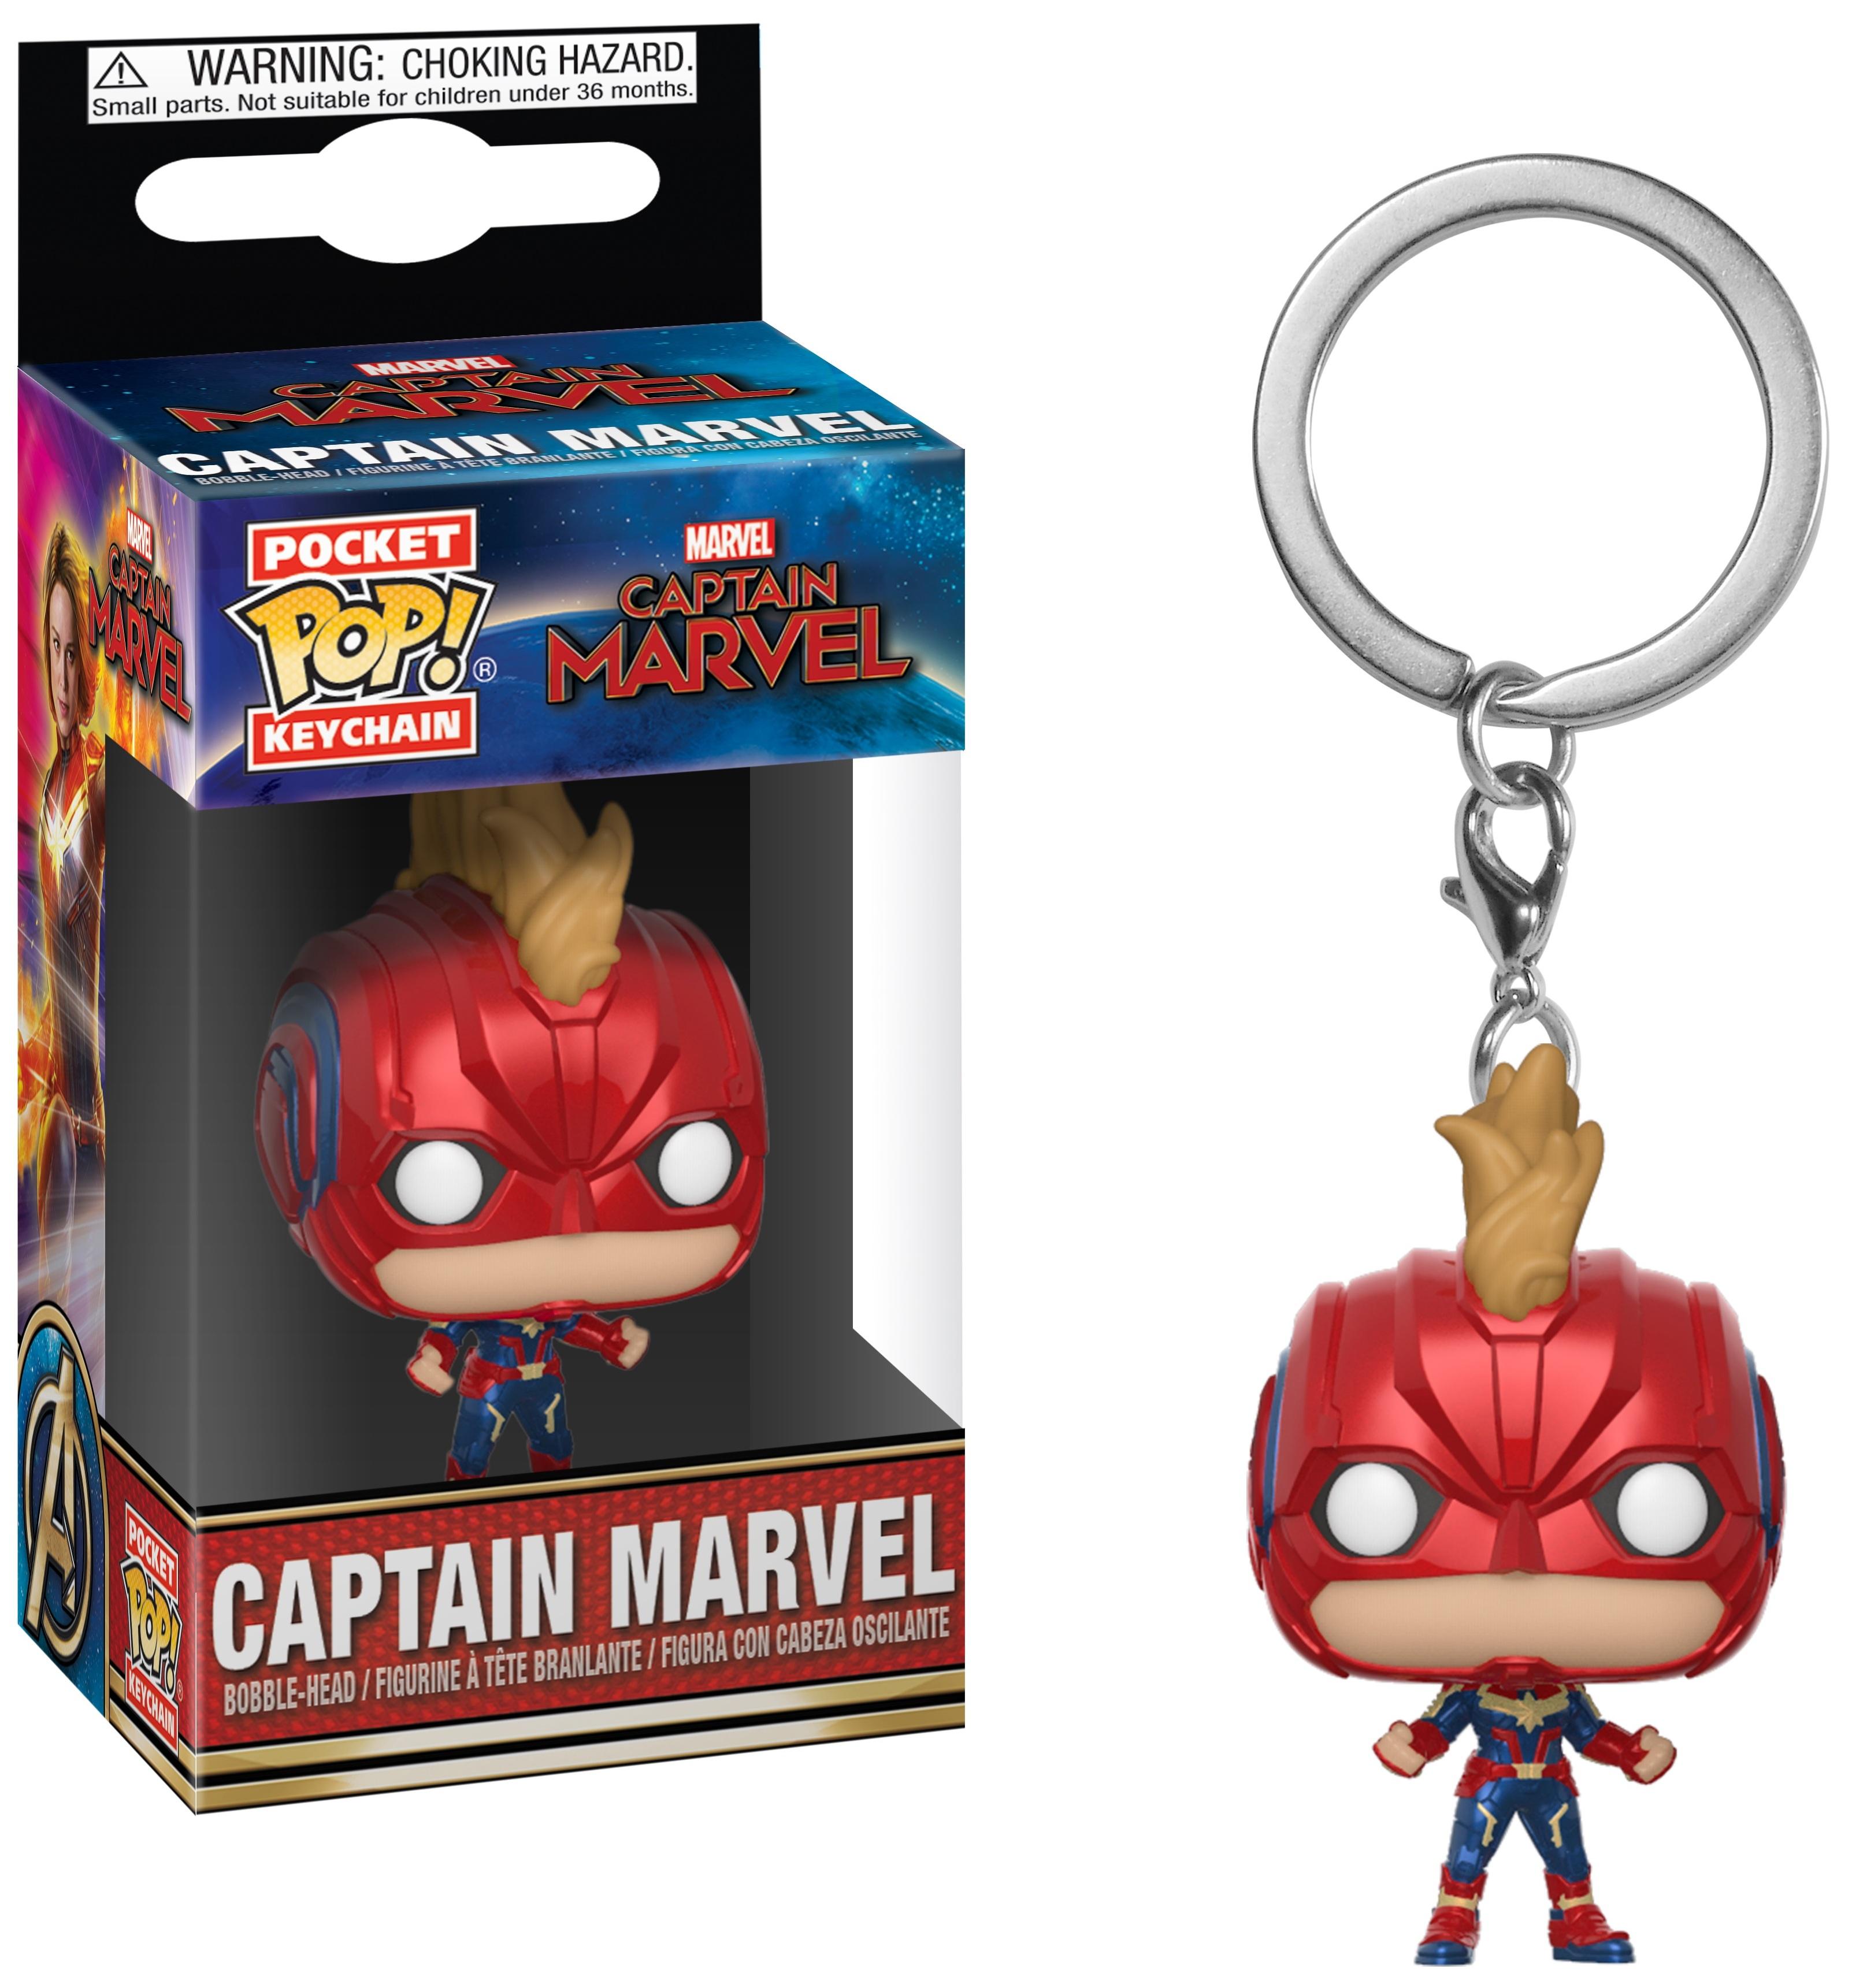 Купить Брелок Captain Marvel - Pocket POP! - Captain Marvel (with Helmet) (4 см), Funko, Аксессуары для ранцев и рюкзаков